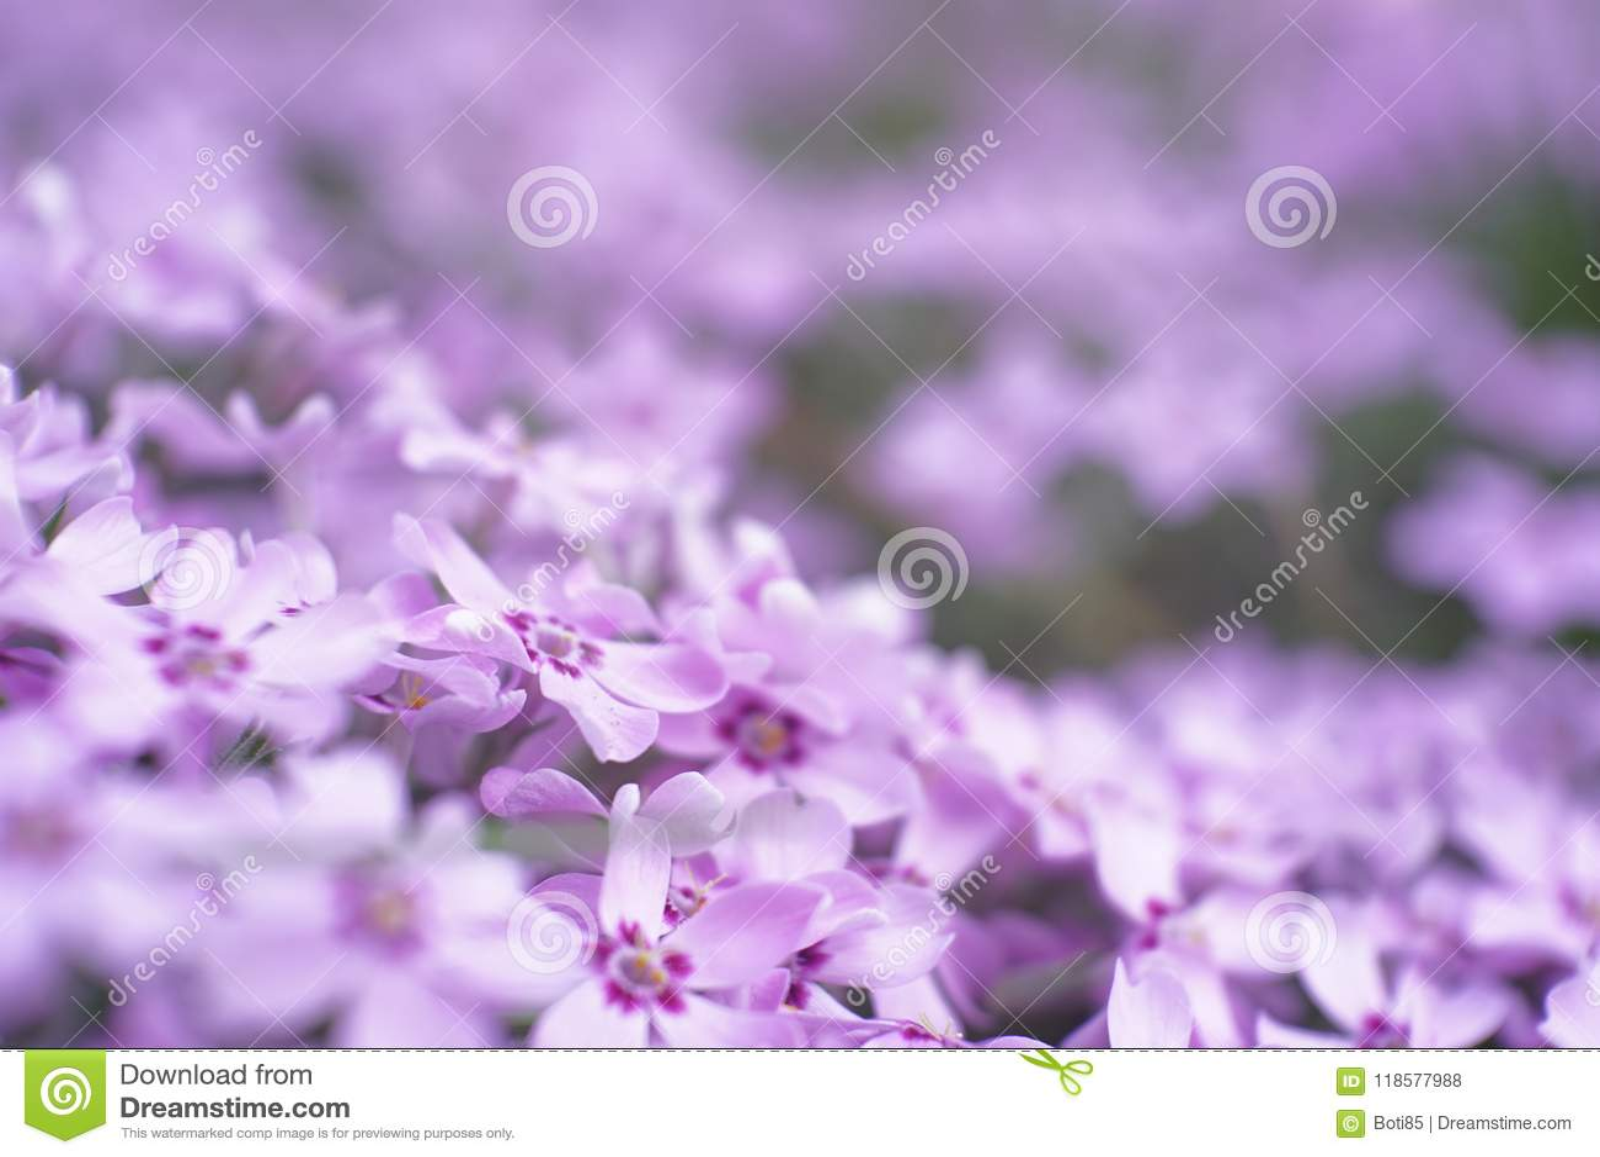 Kleine die tuin met lichtpaarse bloem macrowereld wordt gevuld